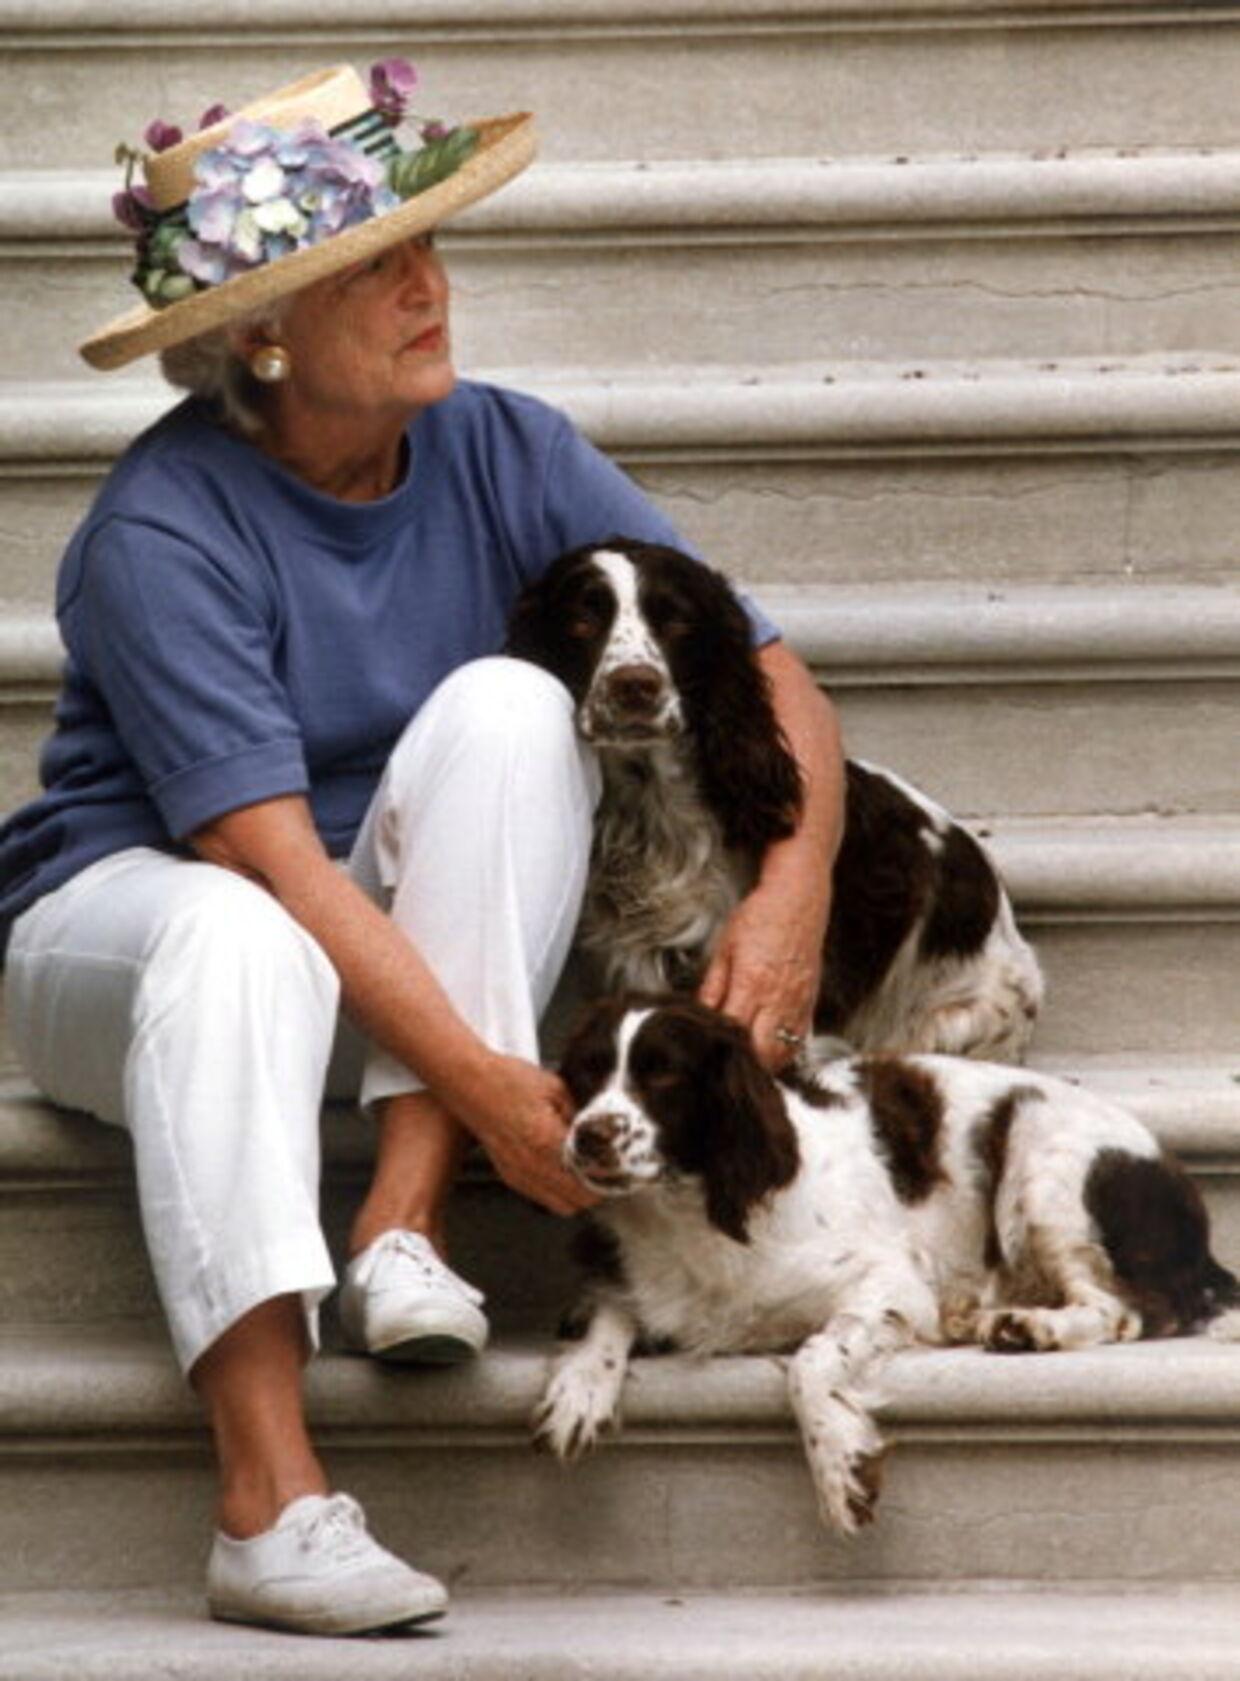 Præsidentfruen sidder sammen med hundene Millie og Ranger og venter på at præsidenten kommer hjem.